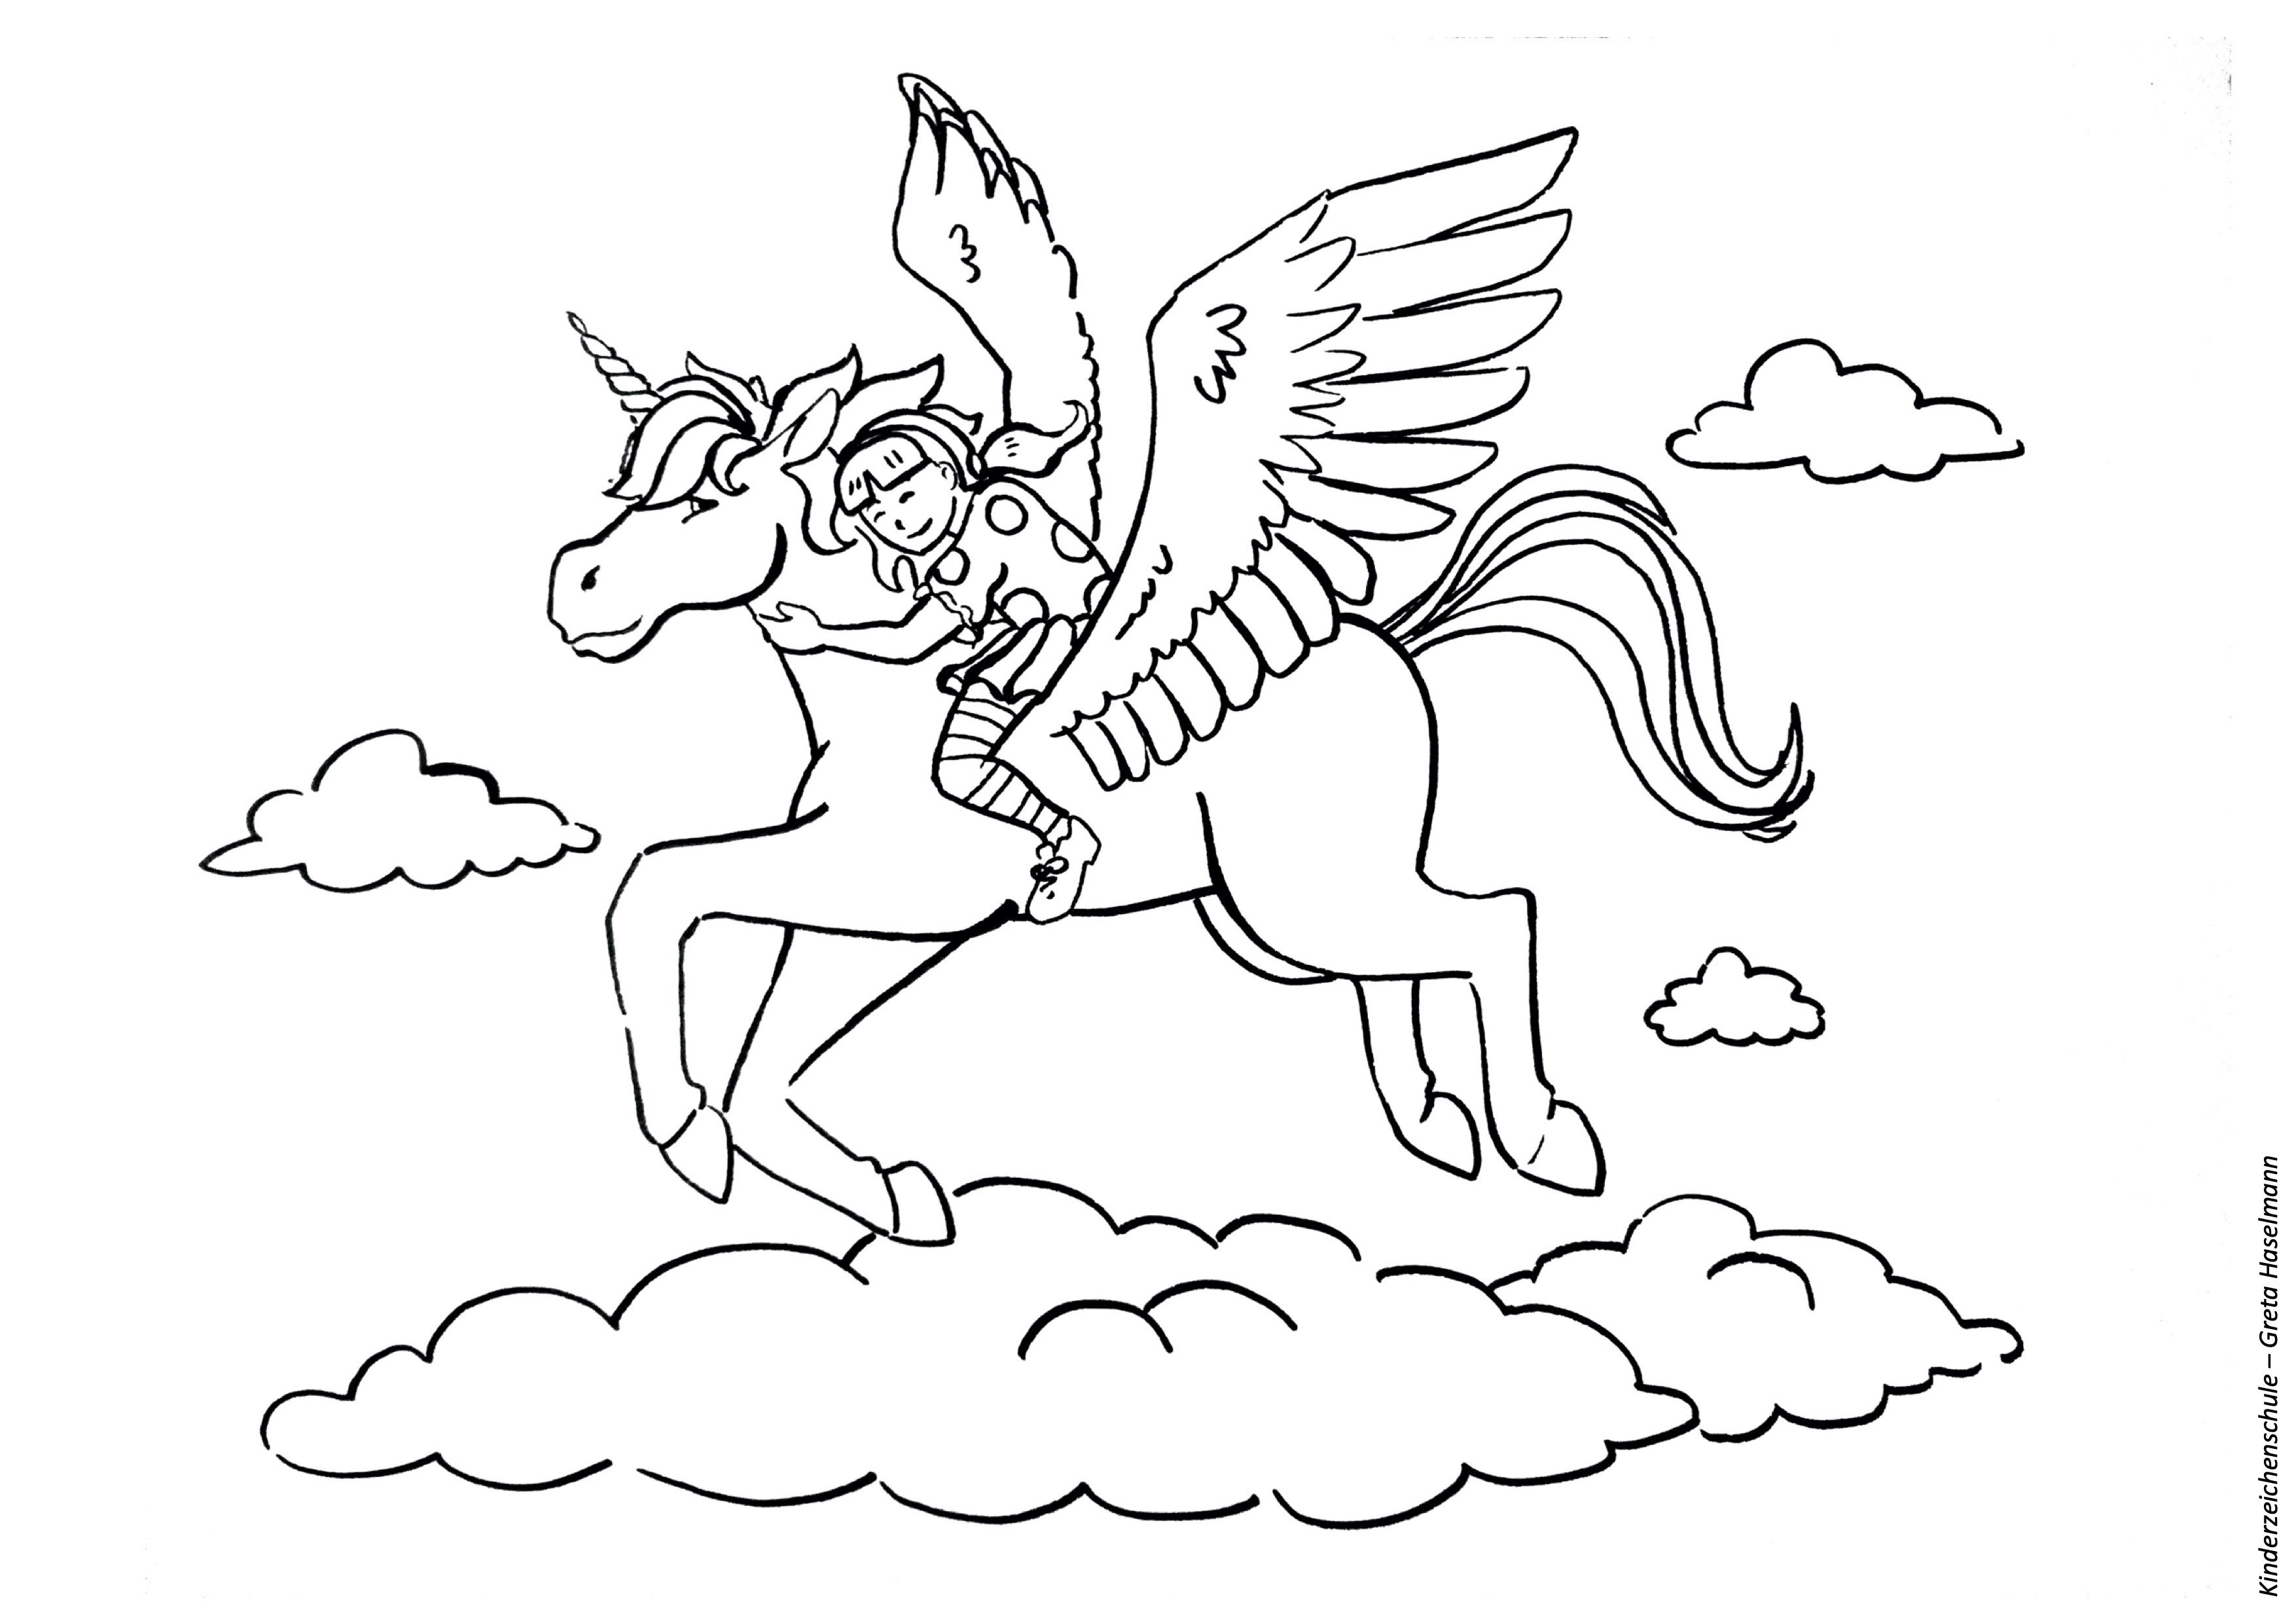 Ausmalbild Mädchen fliegt auf Pegasus Einhorn durch die Wolken